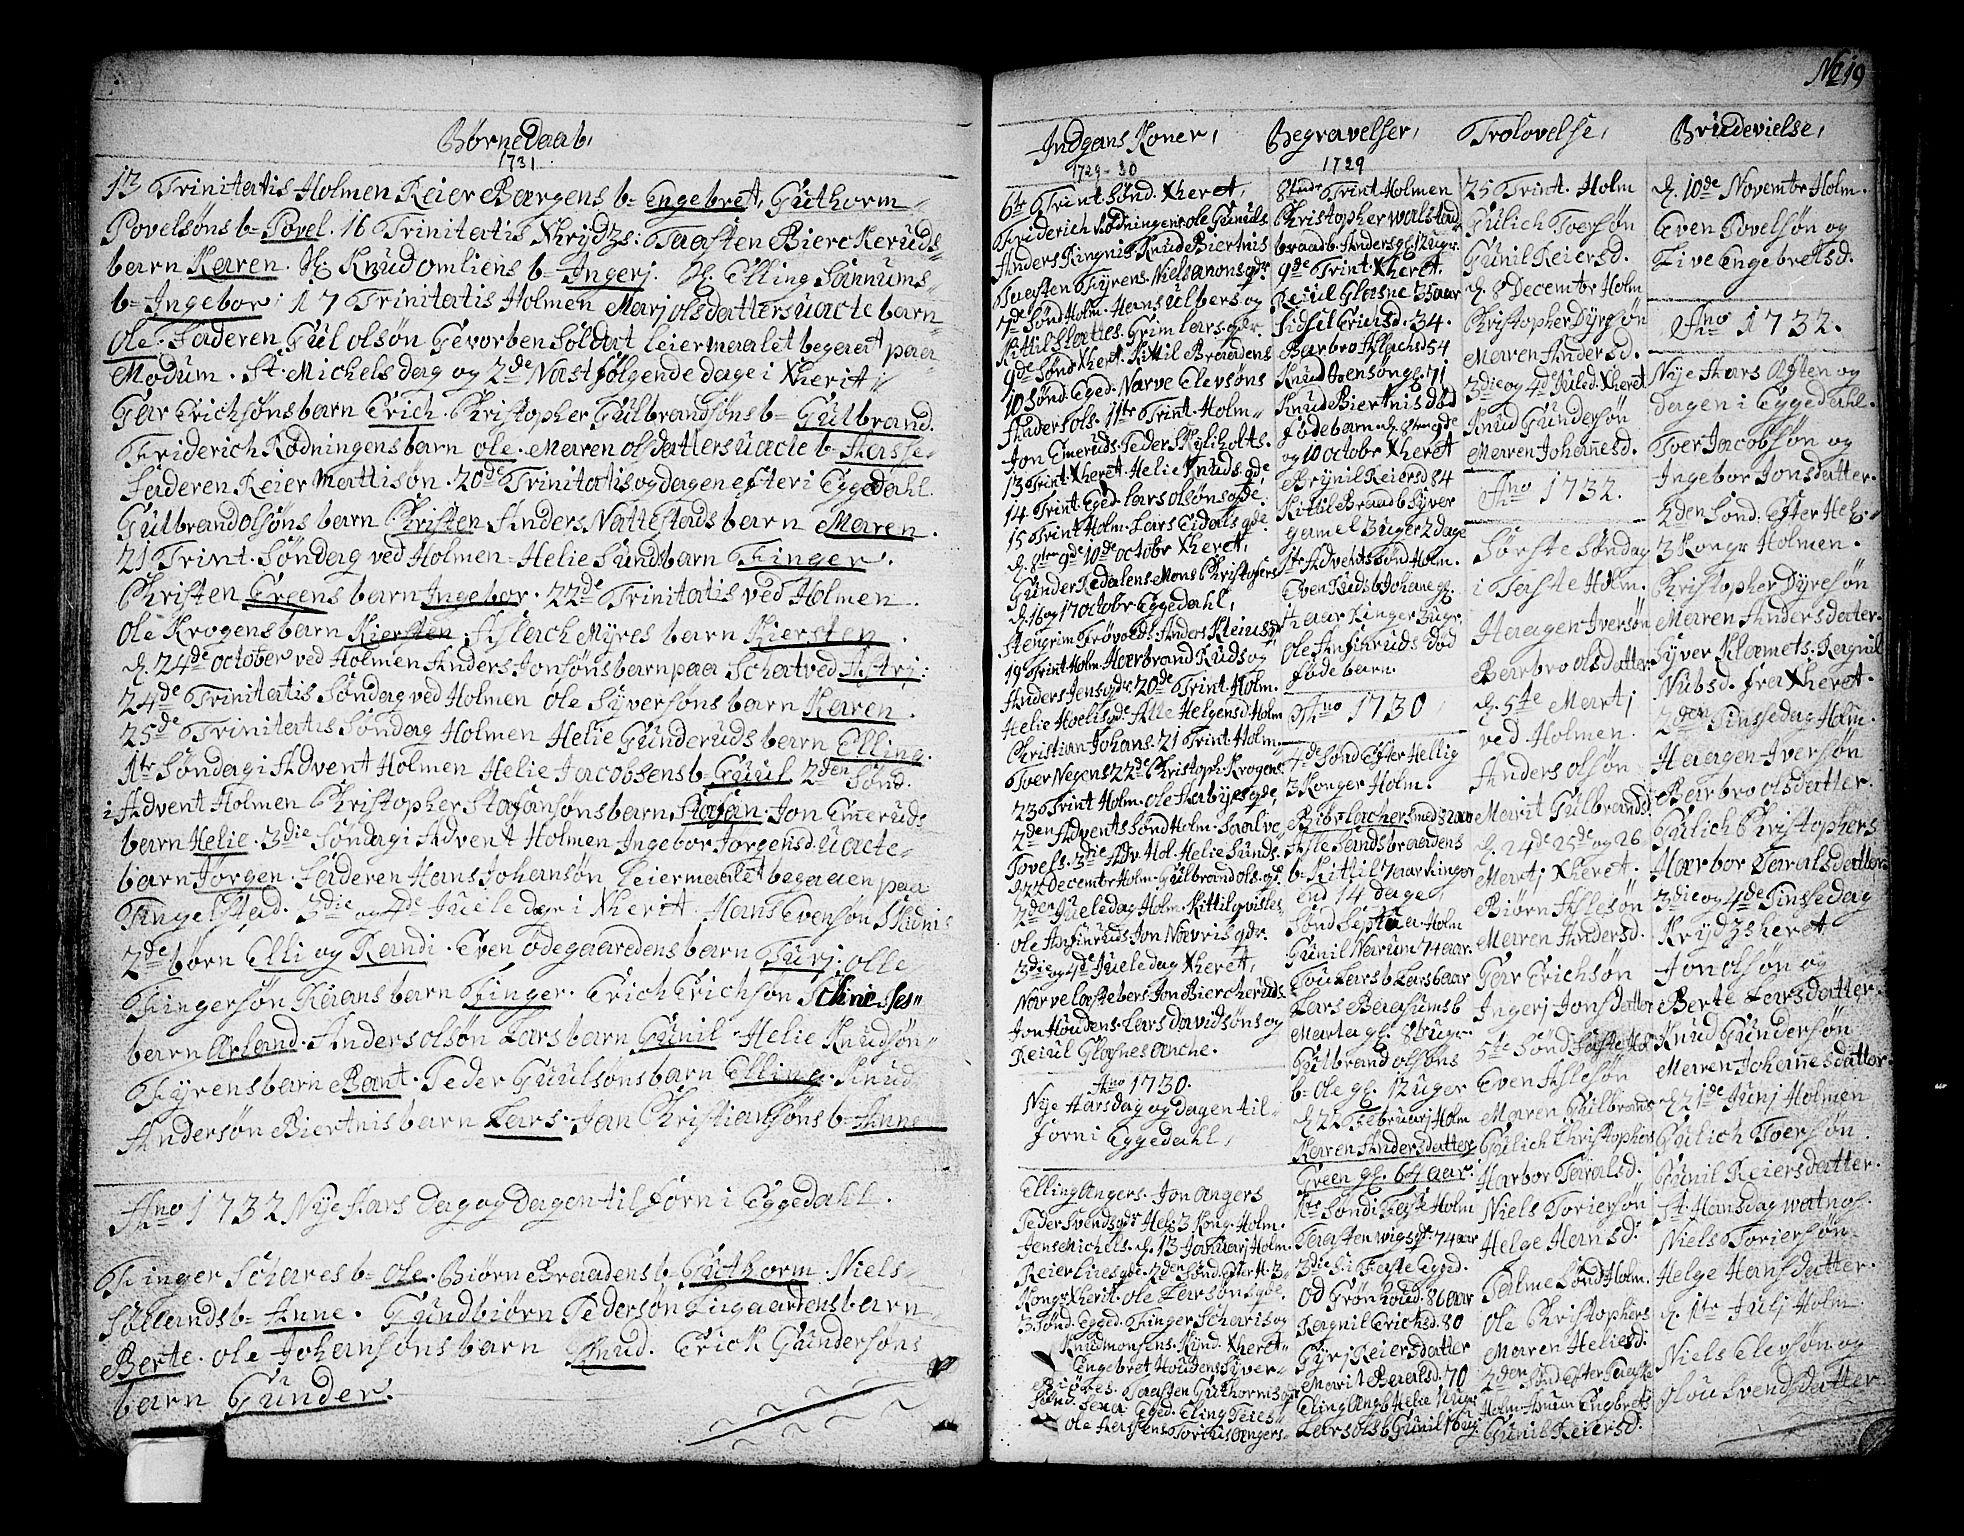 SAKO, Sigdal kirkebøker, F/Fa/L0001: Ministerialbok nr. I 1, 1722-1777, s. 19